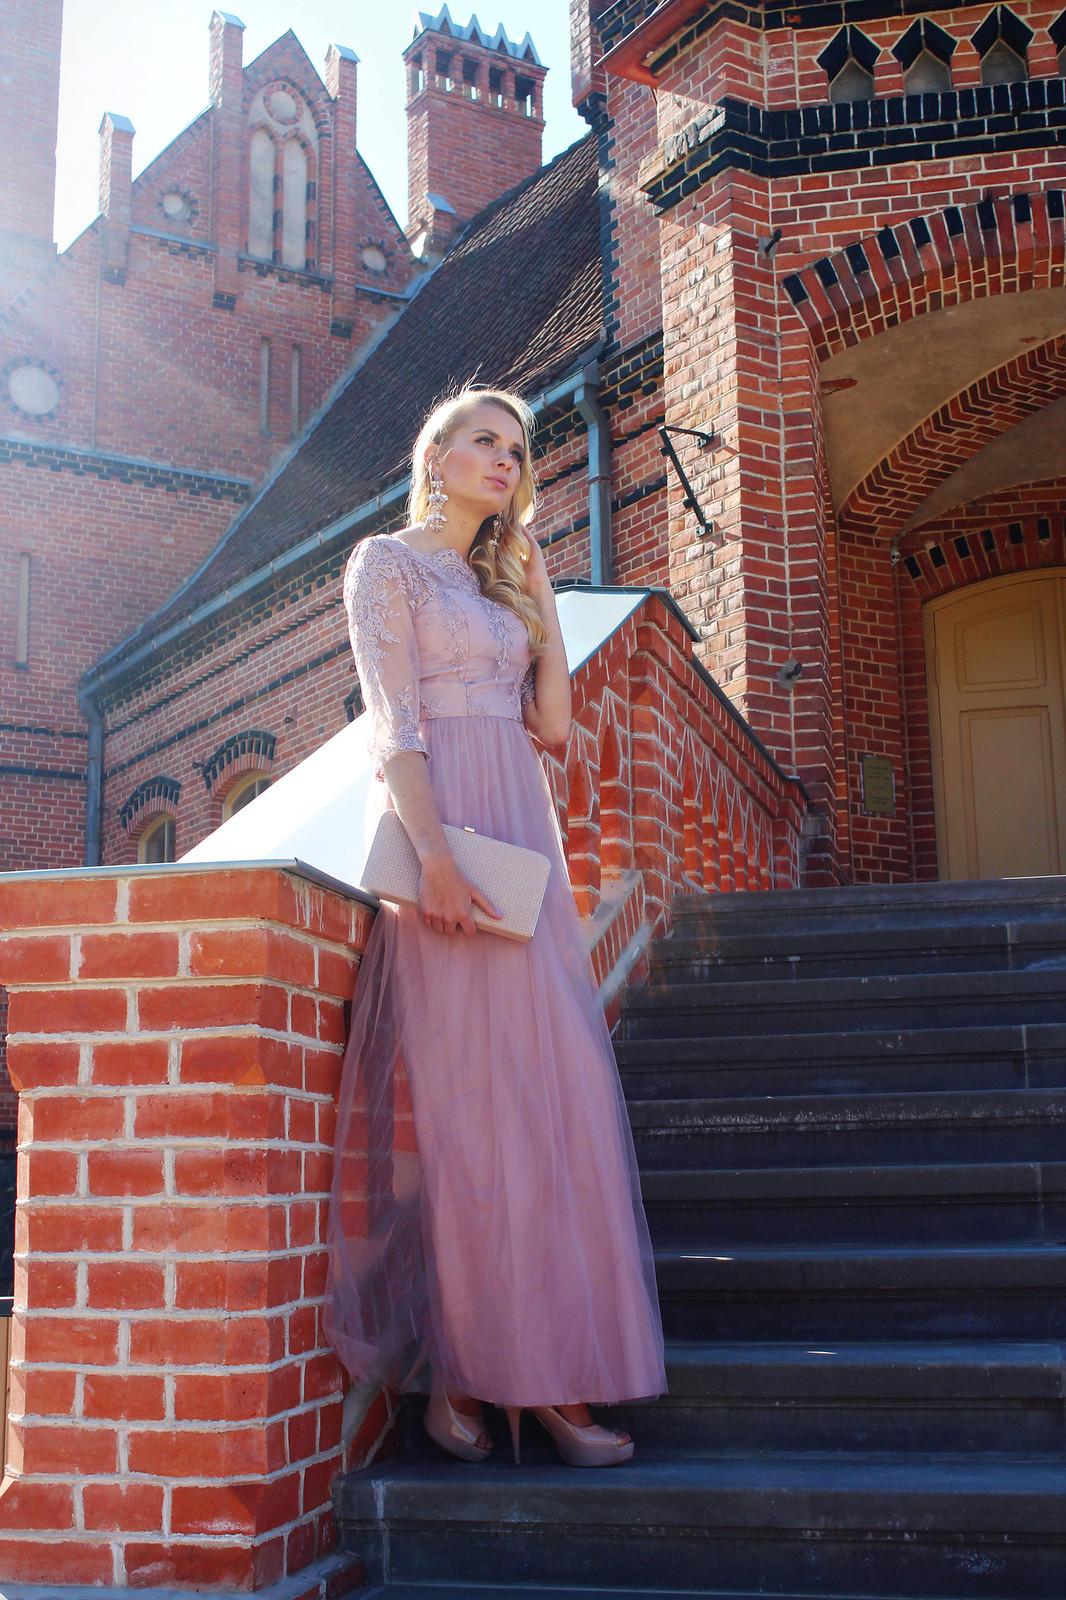 Modes un skaistumkopšanas blogs